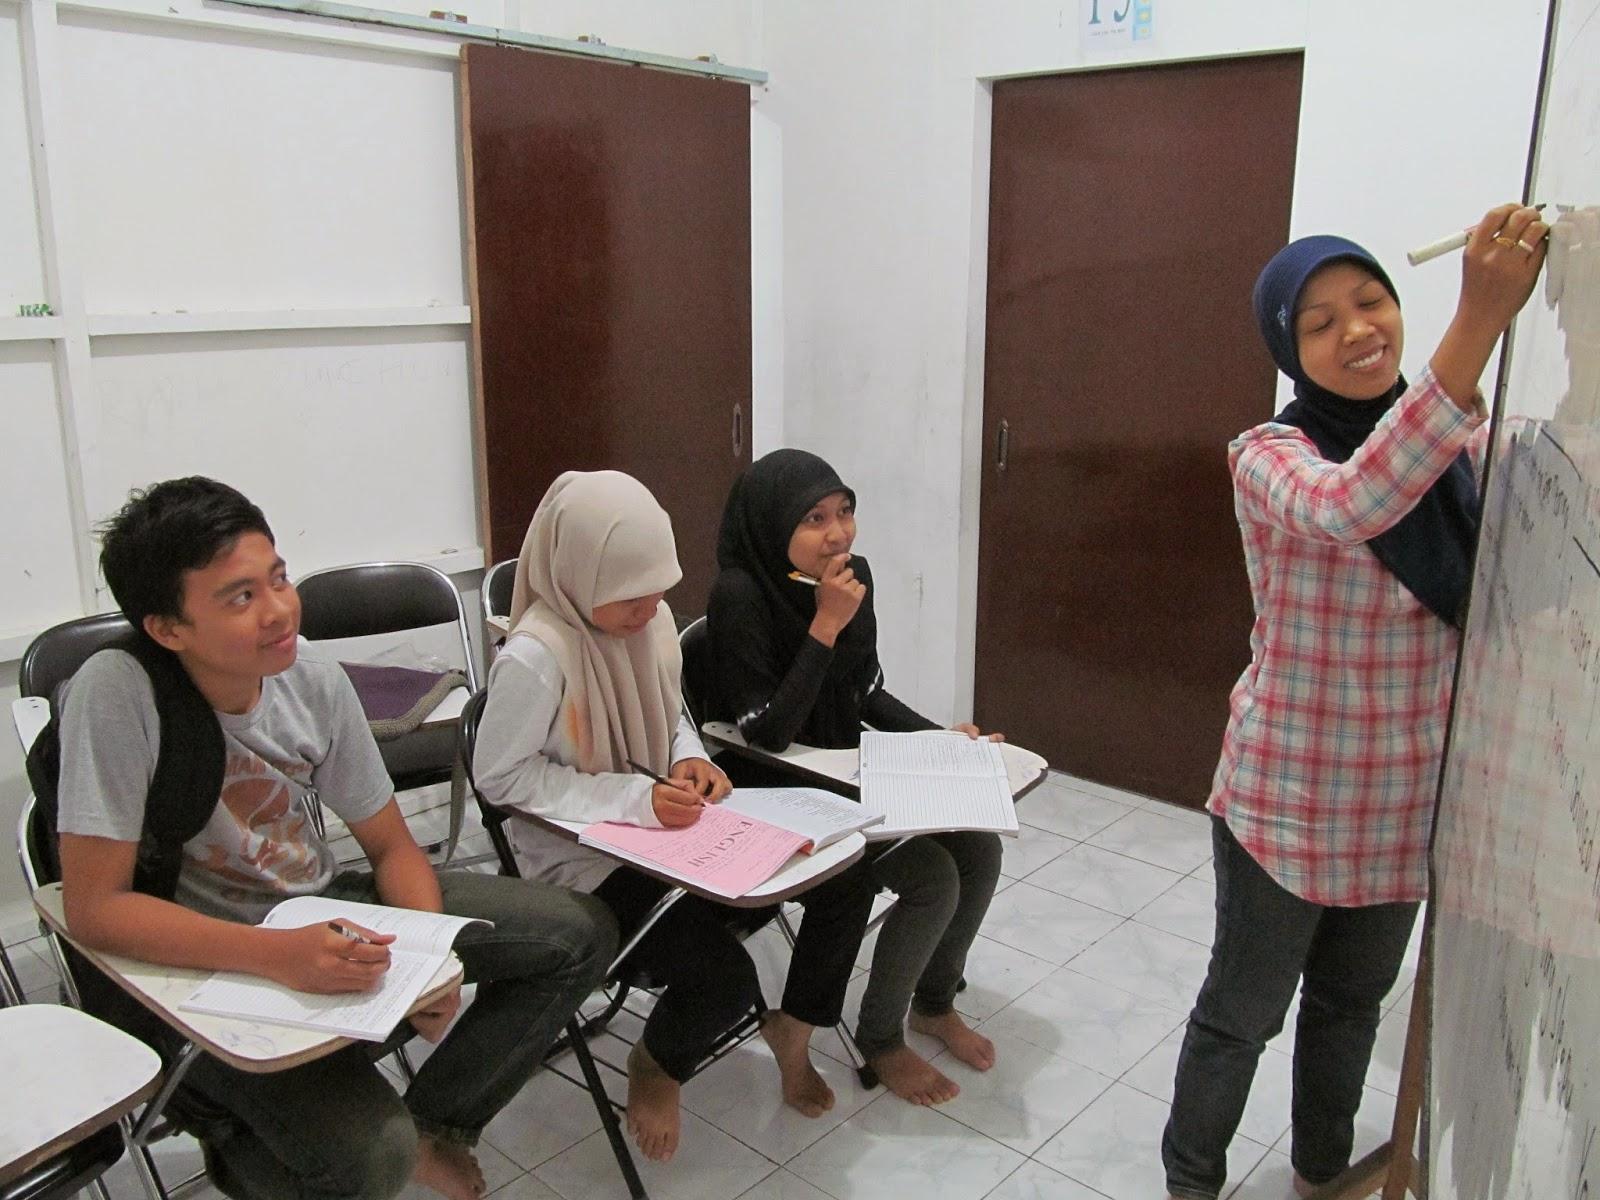 http://www.analisausaha.com/analisa-usaha-bimbingan-belajar/